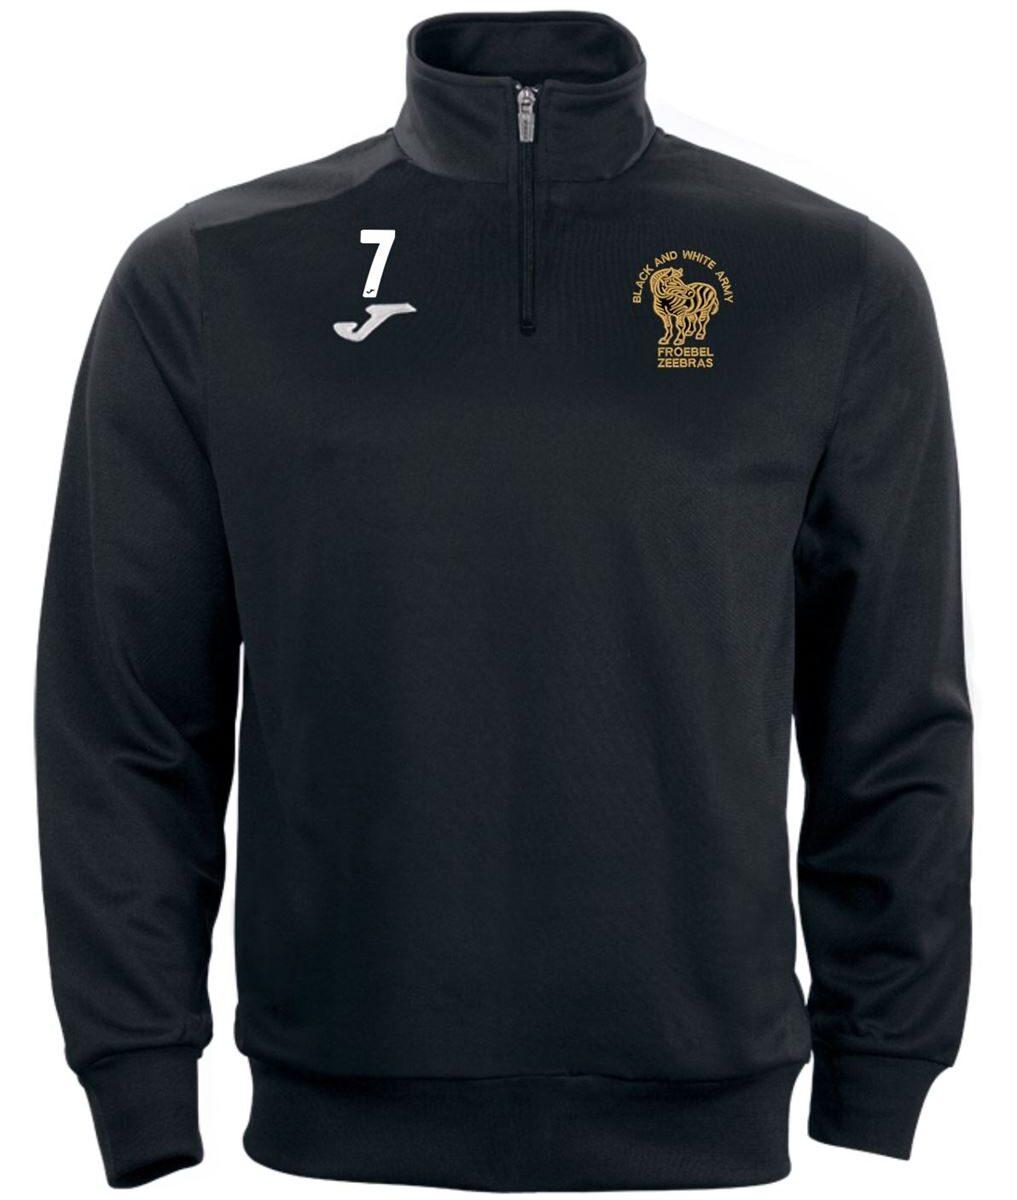 Quarter Zip Top - Froebel Zeebras FC